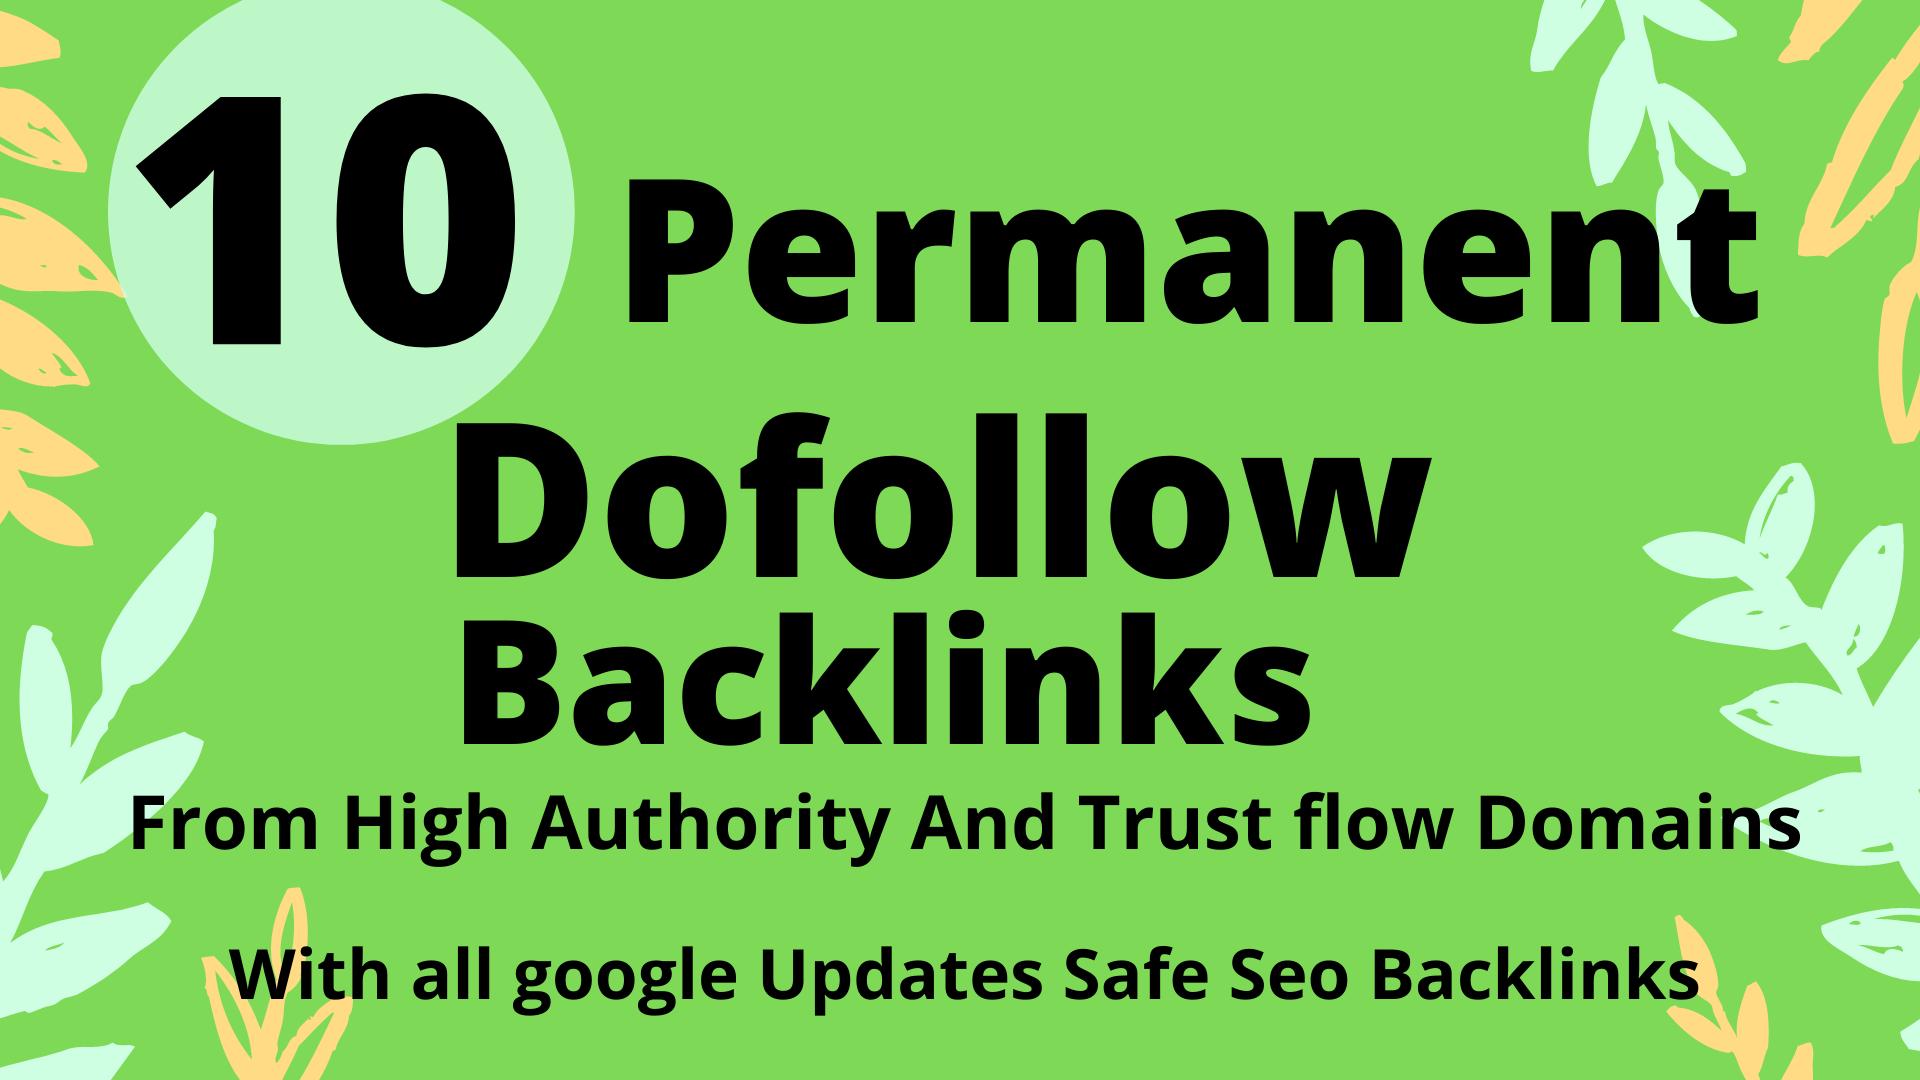 Create 10 Dofollow Profile DA 40+ Backlinks